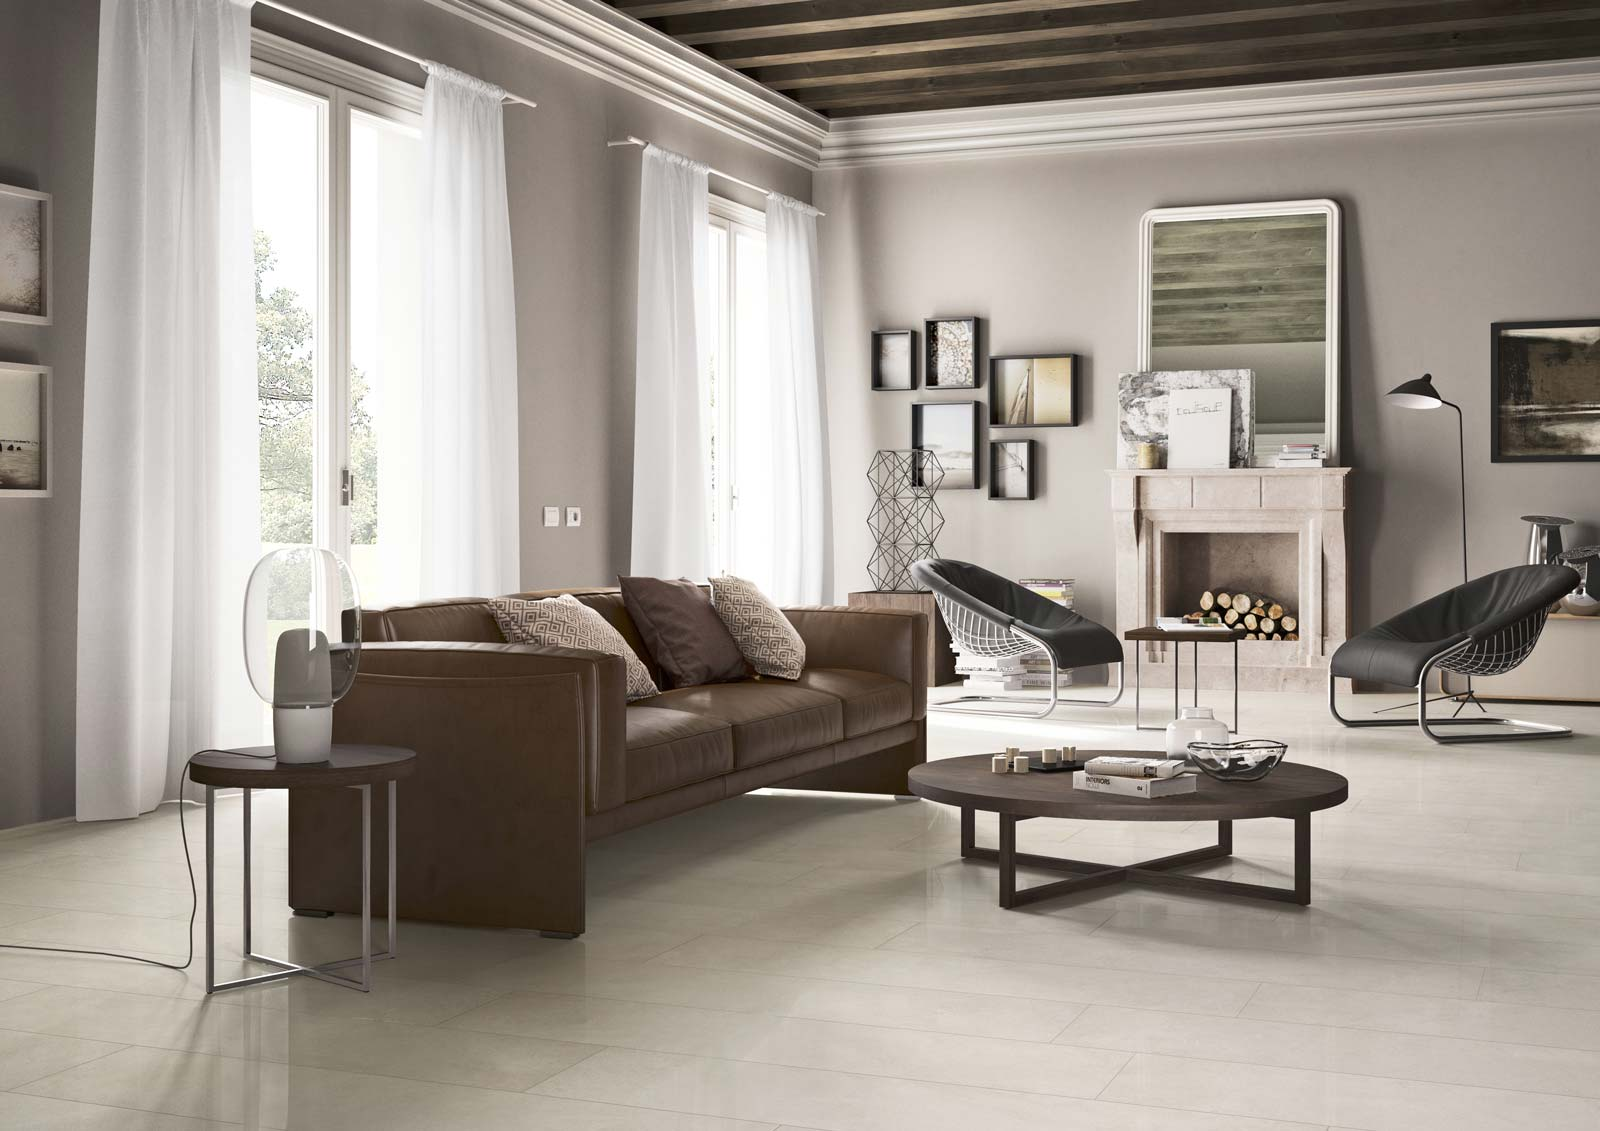 Pavimenti gres porcellanato effetto pietra milano spazio 11 for Pavimenti salotto